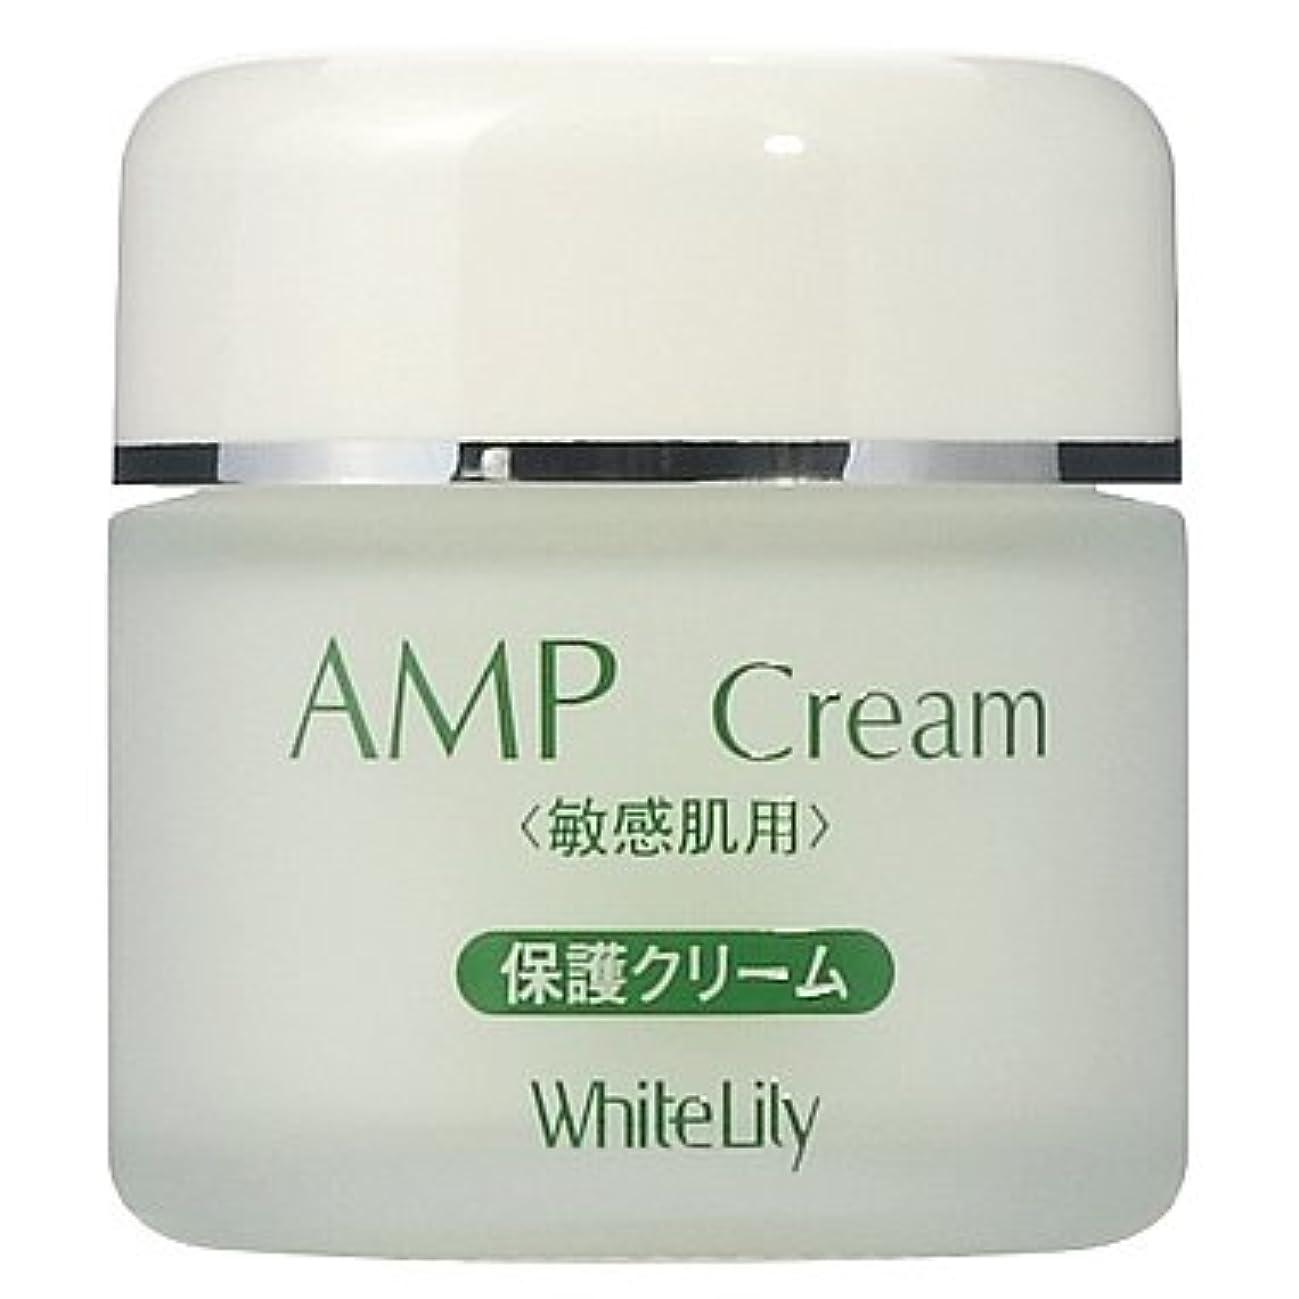 麻痺させる寄生虫可能性ホワイトリリー AMPクリーム 40g クリーム